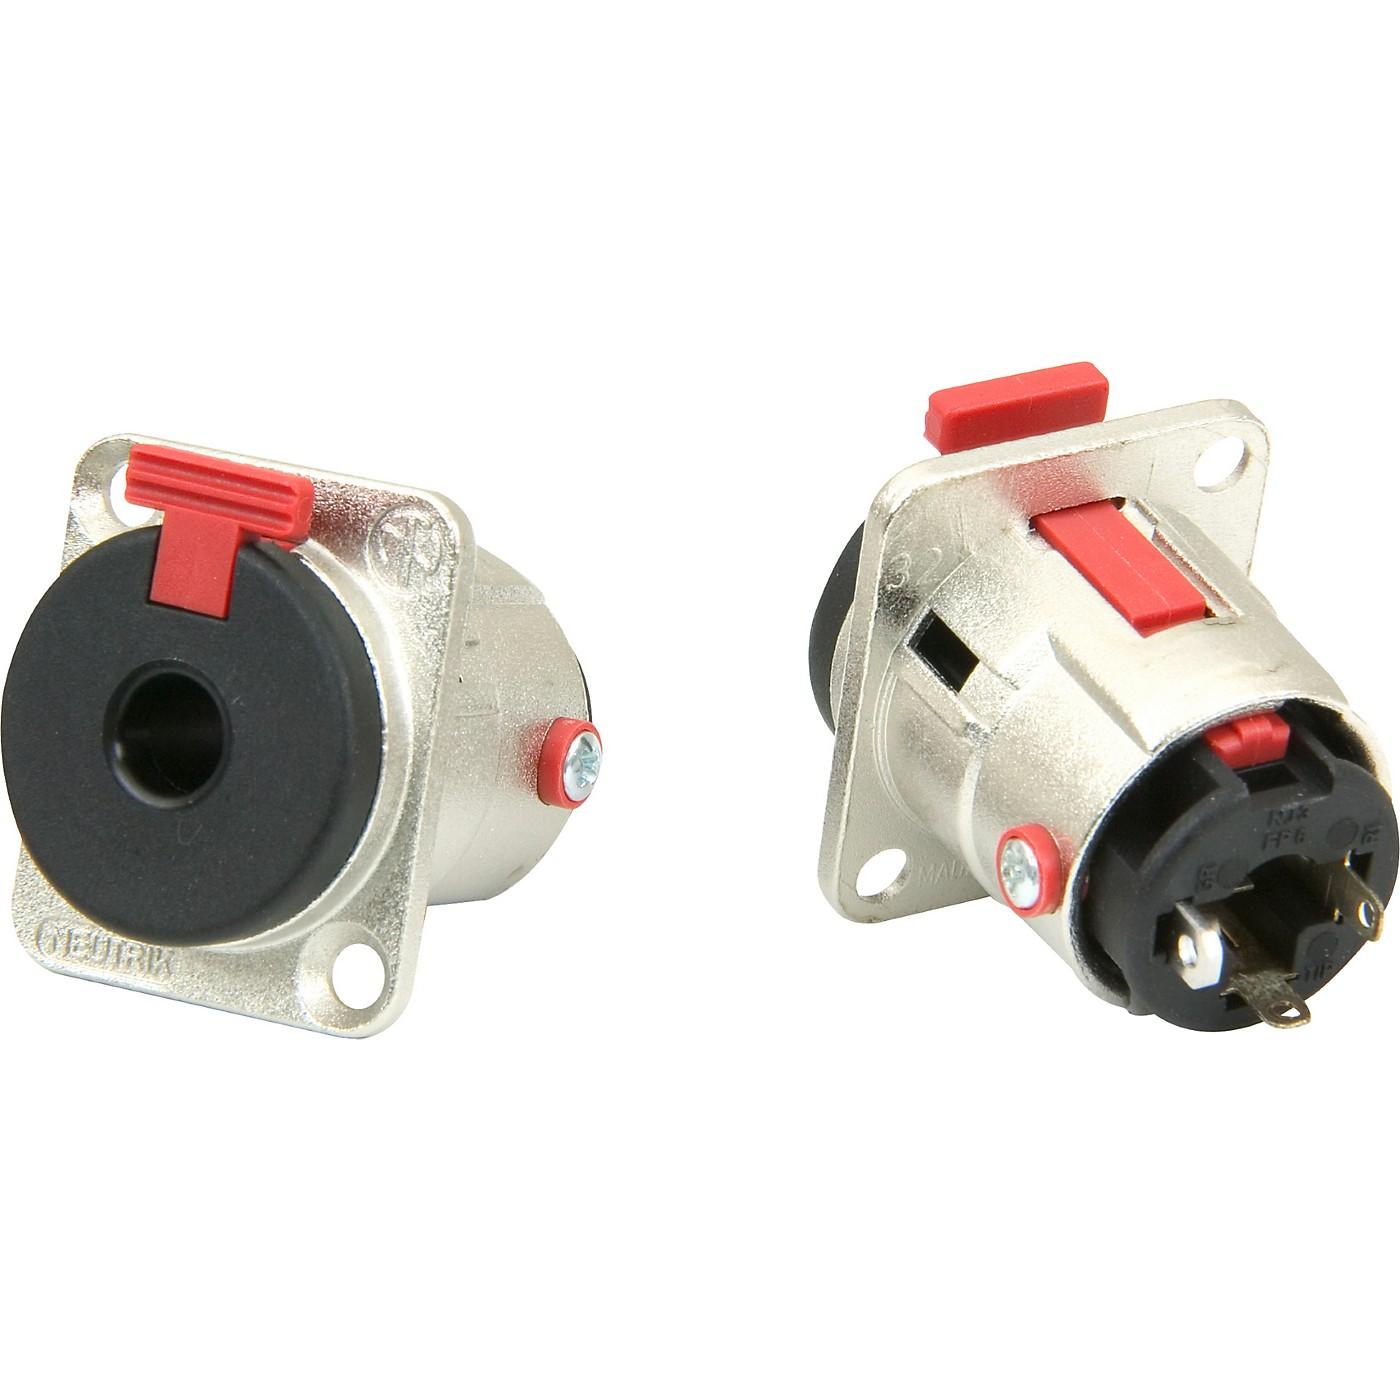 VTG NJ3FP6C Neutrik TRS Locking Connector thumbnail